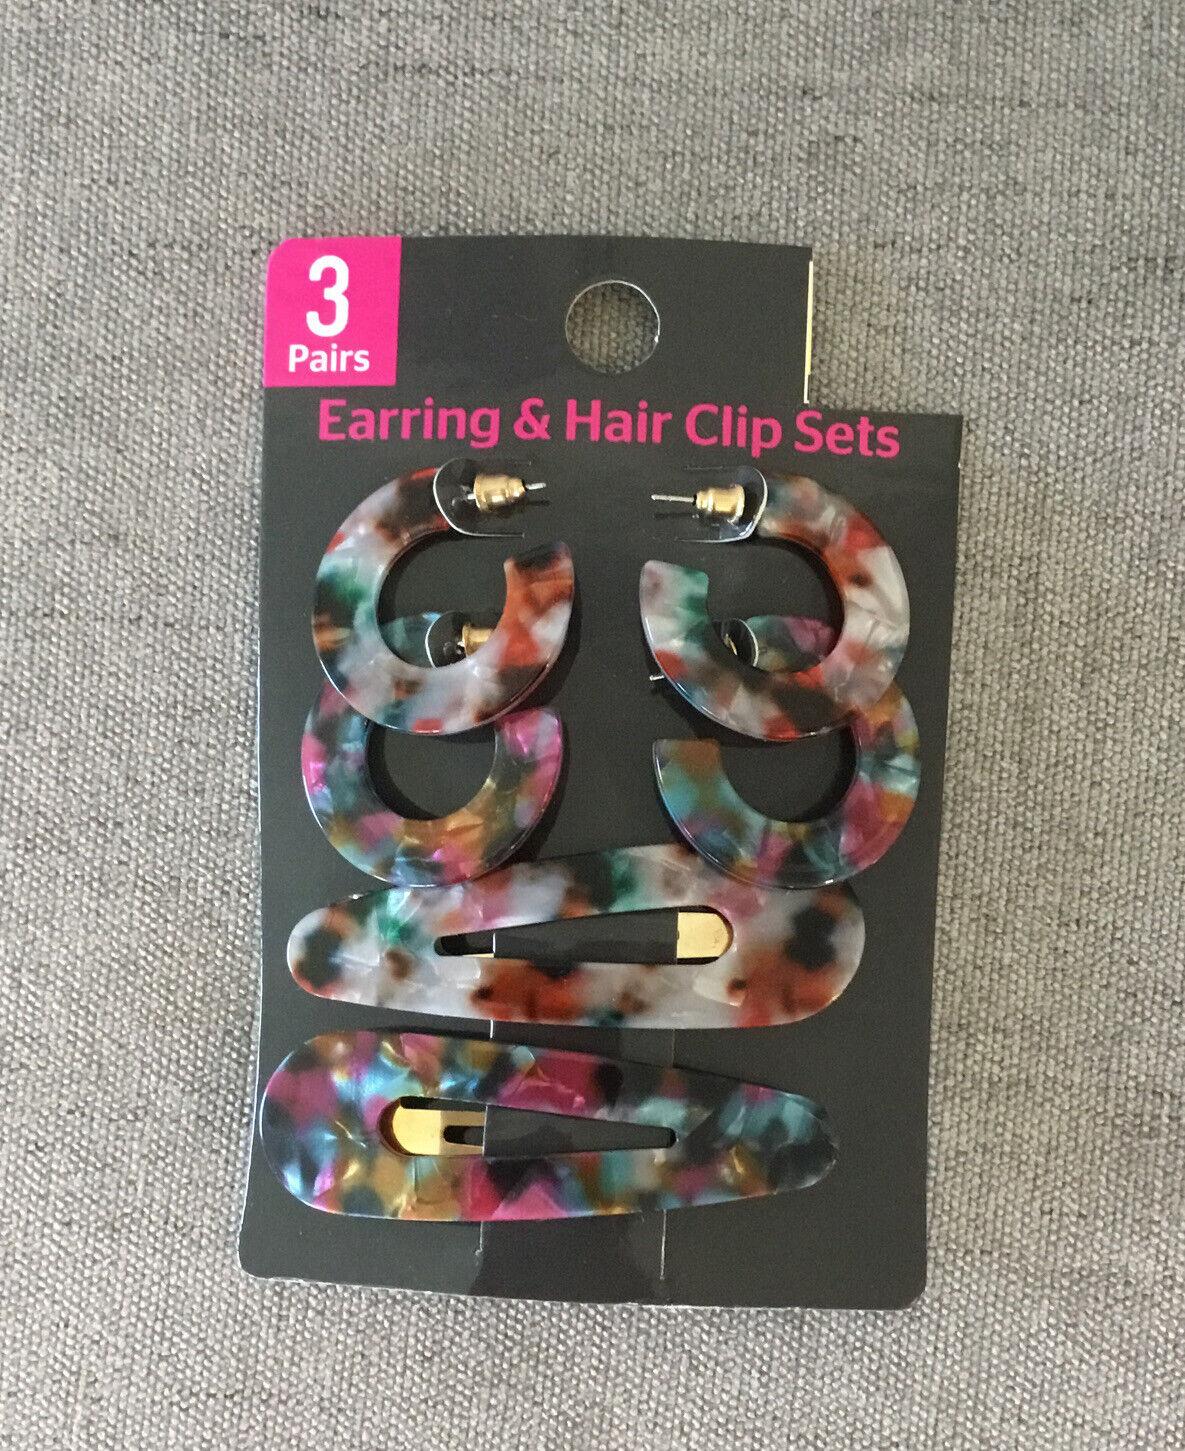 Modern Earrings & Hair Clip Set Animal Print Plastic 2 Pair Earrings 2 Hair Clip